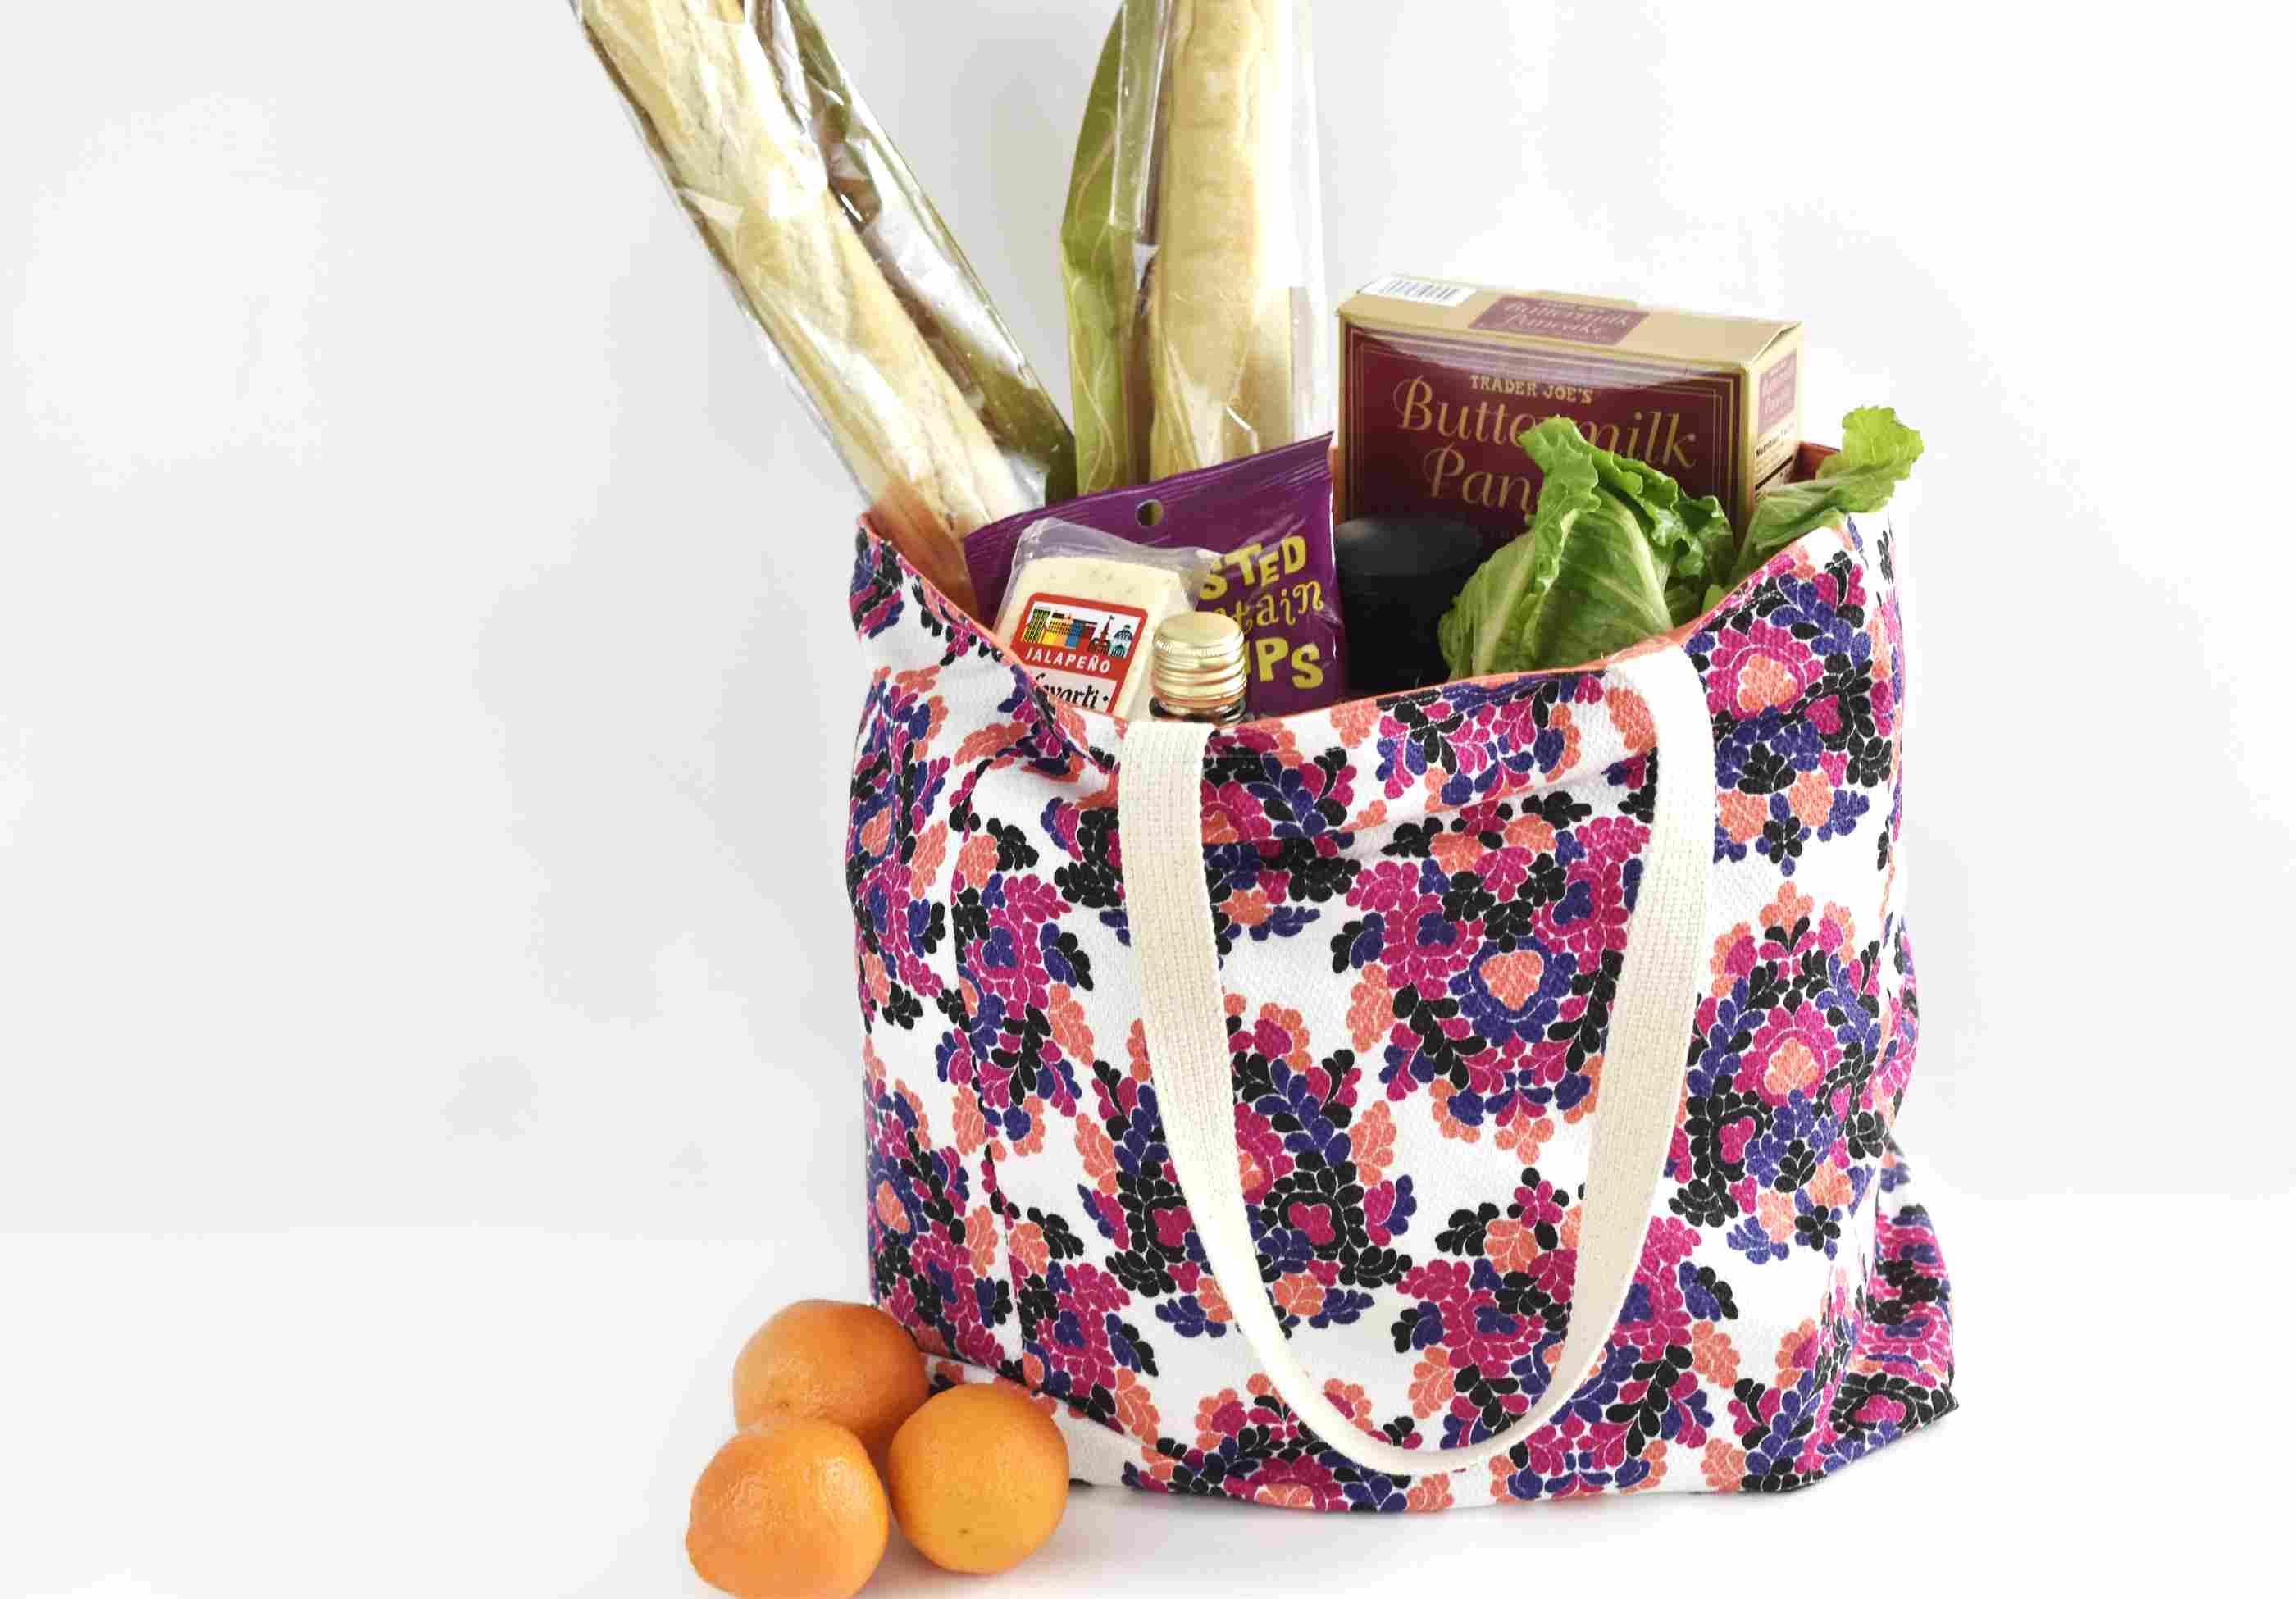 Sử dụng túi vải để đi chợ vừa tiện dụng vừa chung tay bảo vệ môi trường